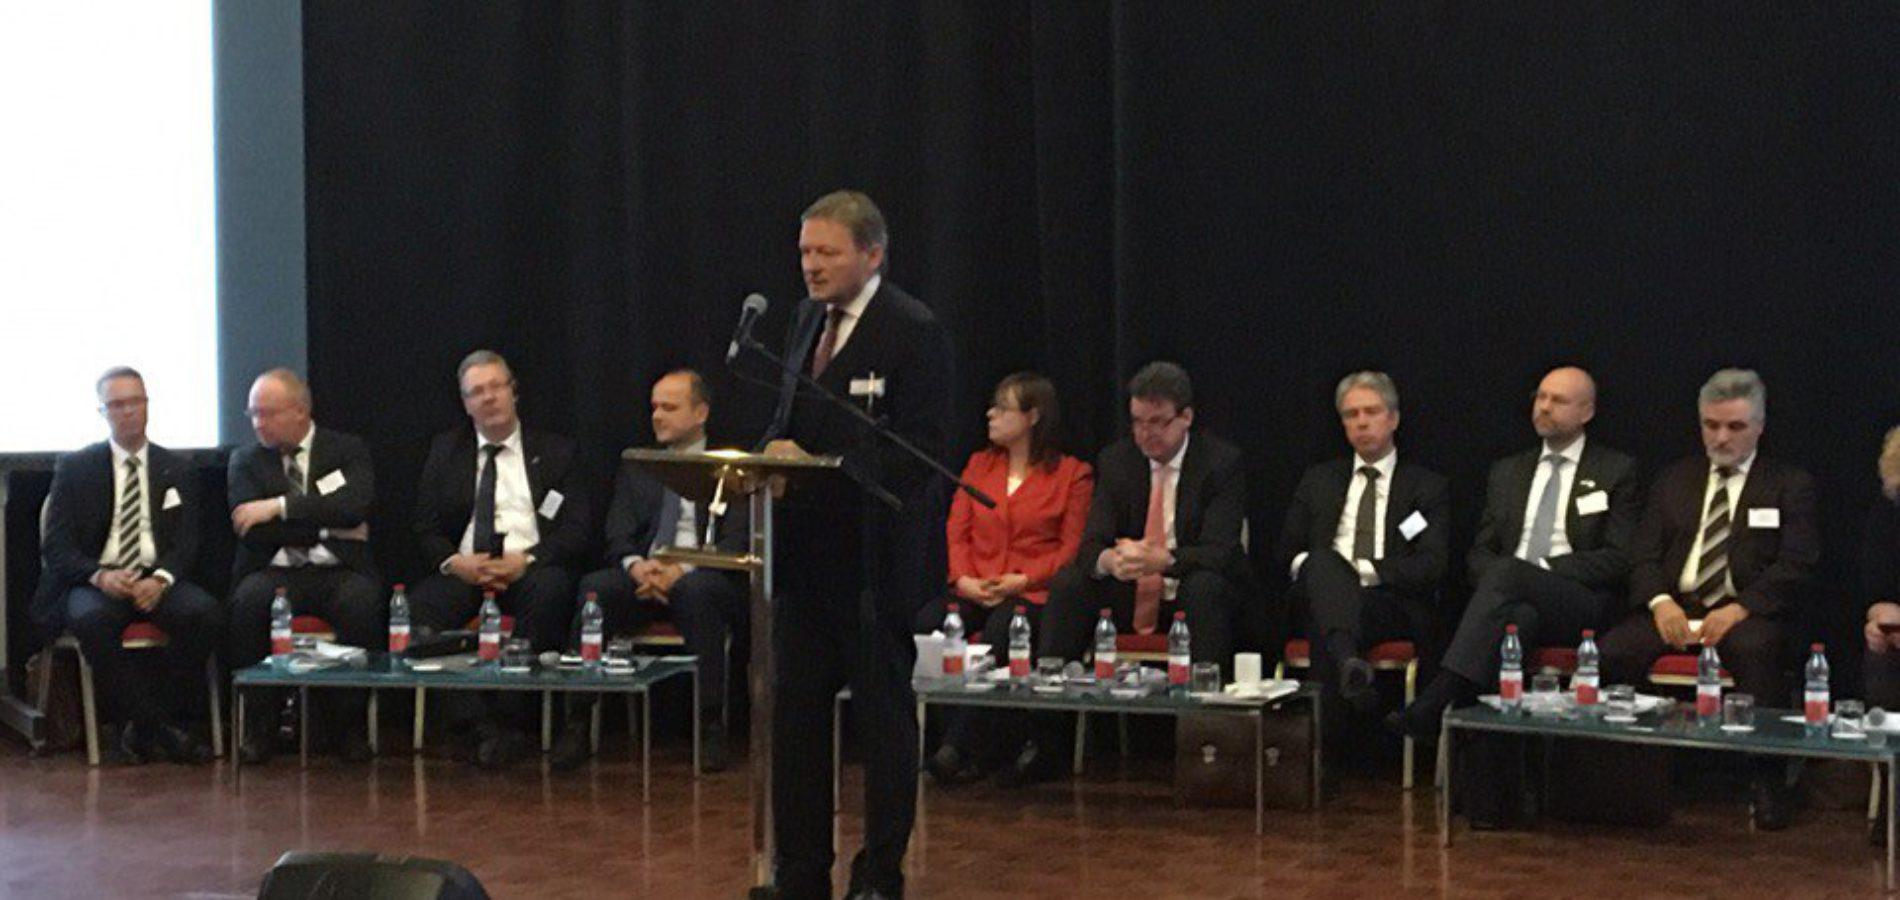 Борис Титов представил «Стратегию Роста» на встрече с представителями Российско-Германской внешнеторговой палаты